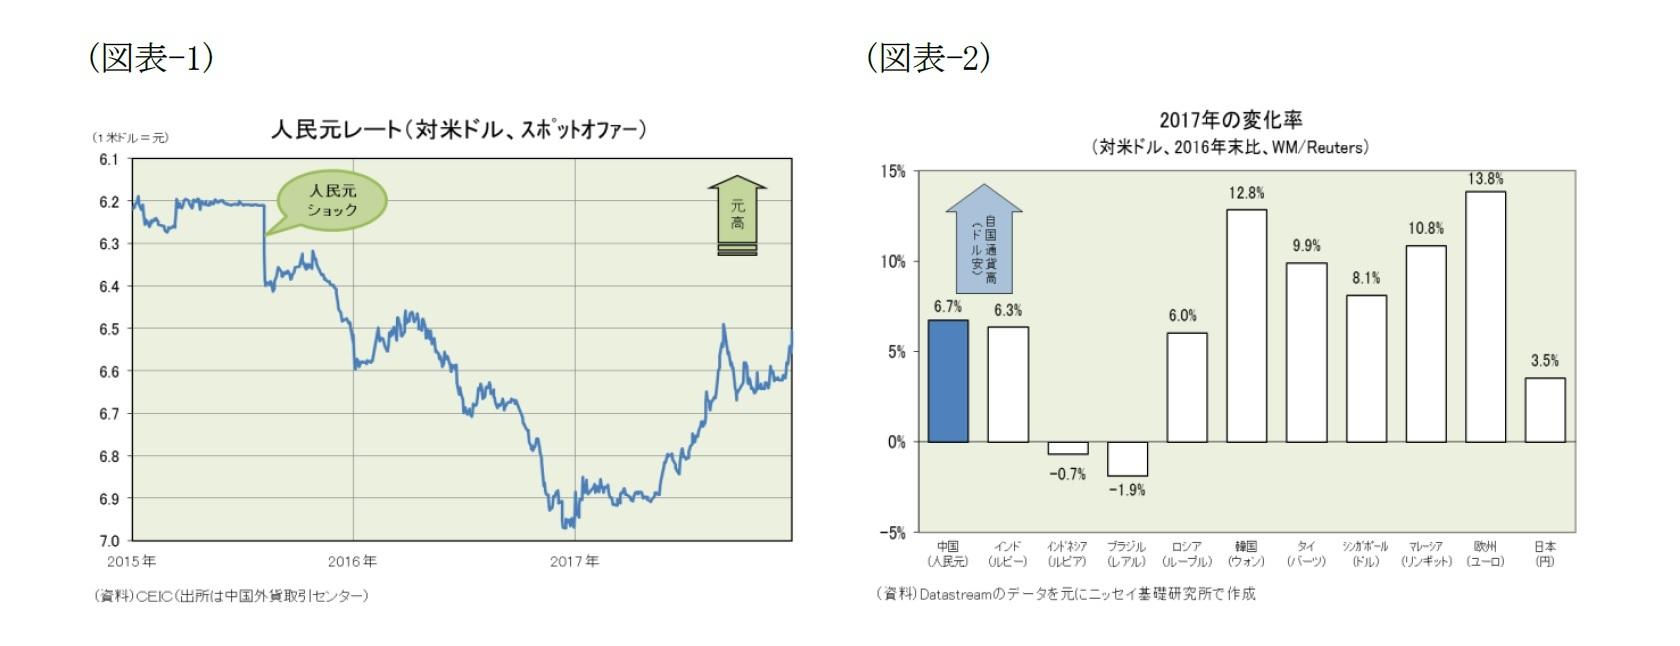 (図表-1)人民元レート(対米ドル、スポットオファー)/(図表-2)2017年の変化率(対米ドル、2016年末比、WM/Reuters)